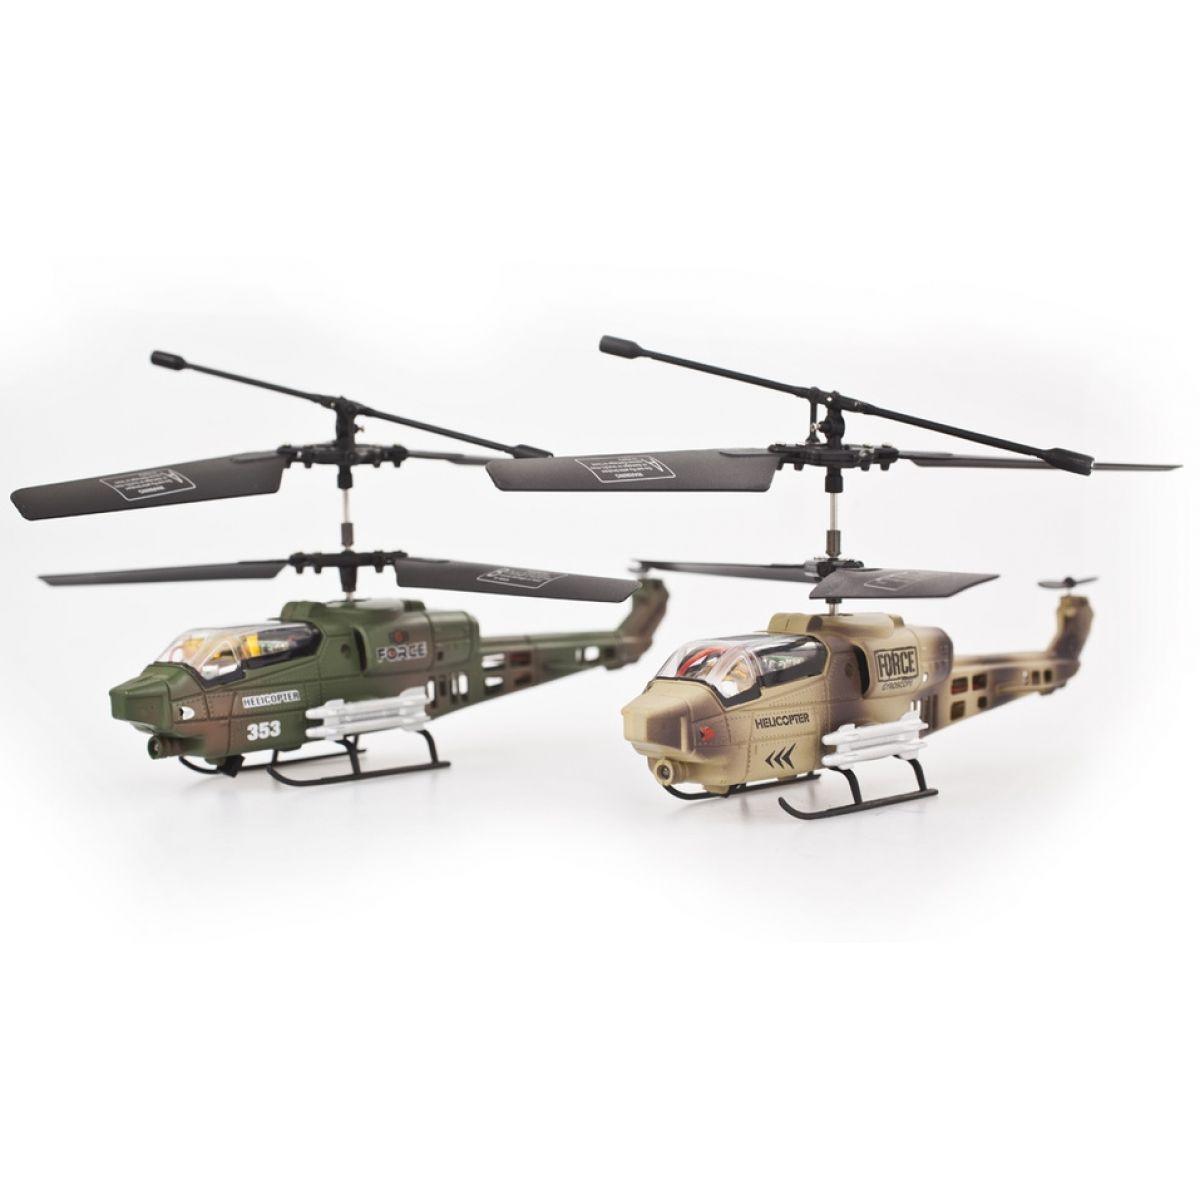 RC Vrtulníky FIGHT MISSION 2ks - Poškozený obal